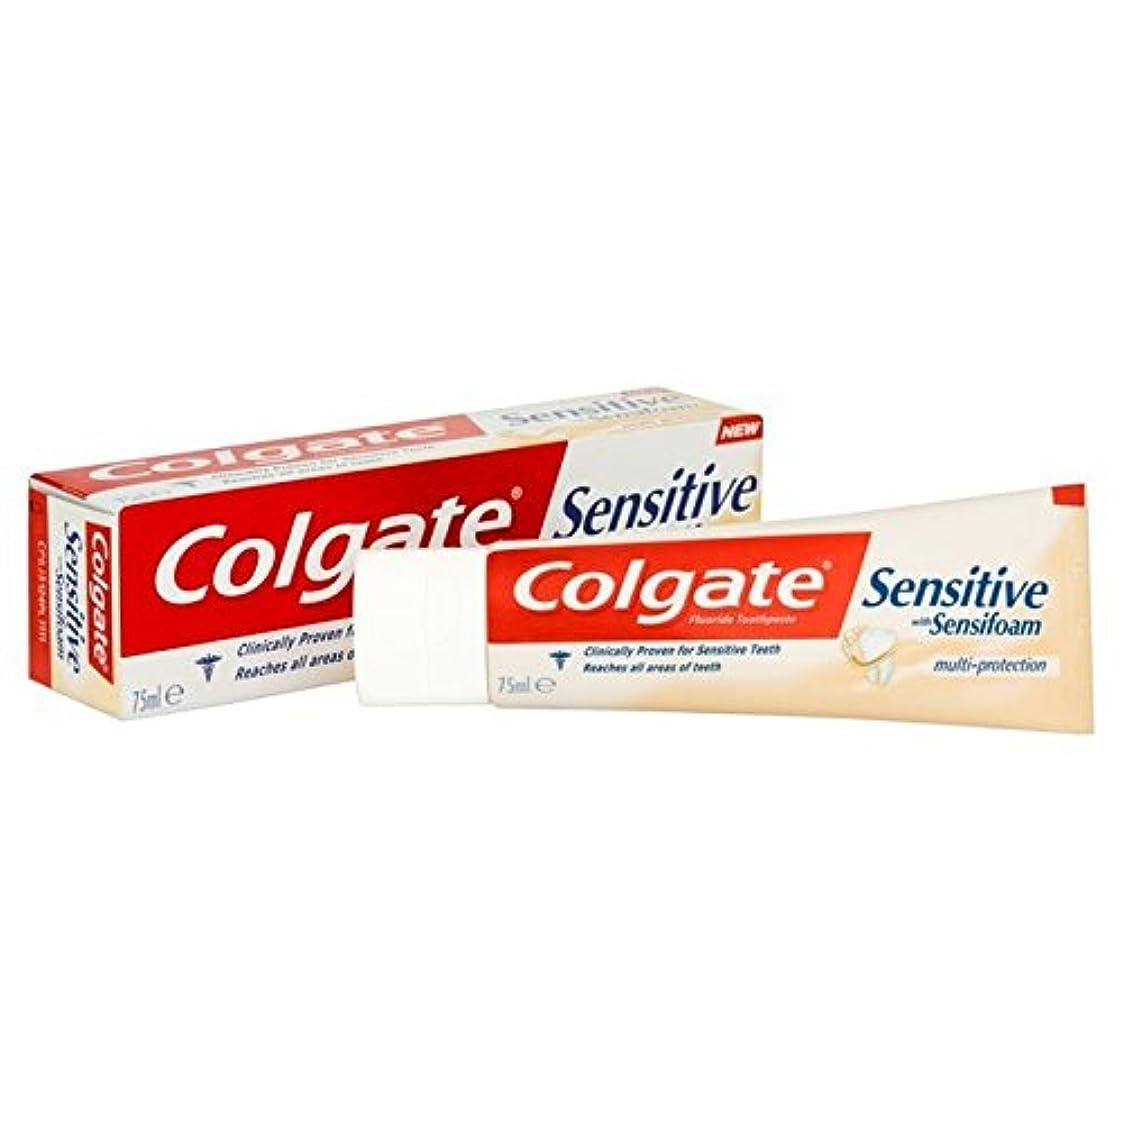 広大なホテル魔術Colgate Sensitive Foam Multi Protect Toothpaste 75ml - コルゲート敏感な泡は、マルチ歯磨き粉75ミリリットルを保護します [並行輸入品]